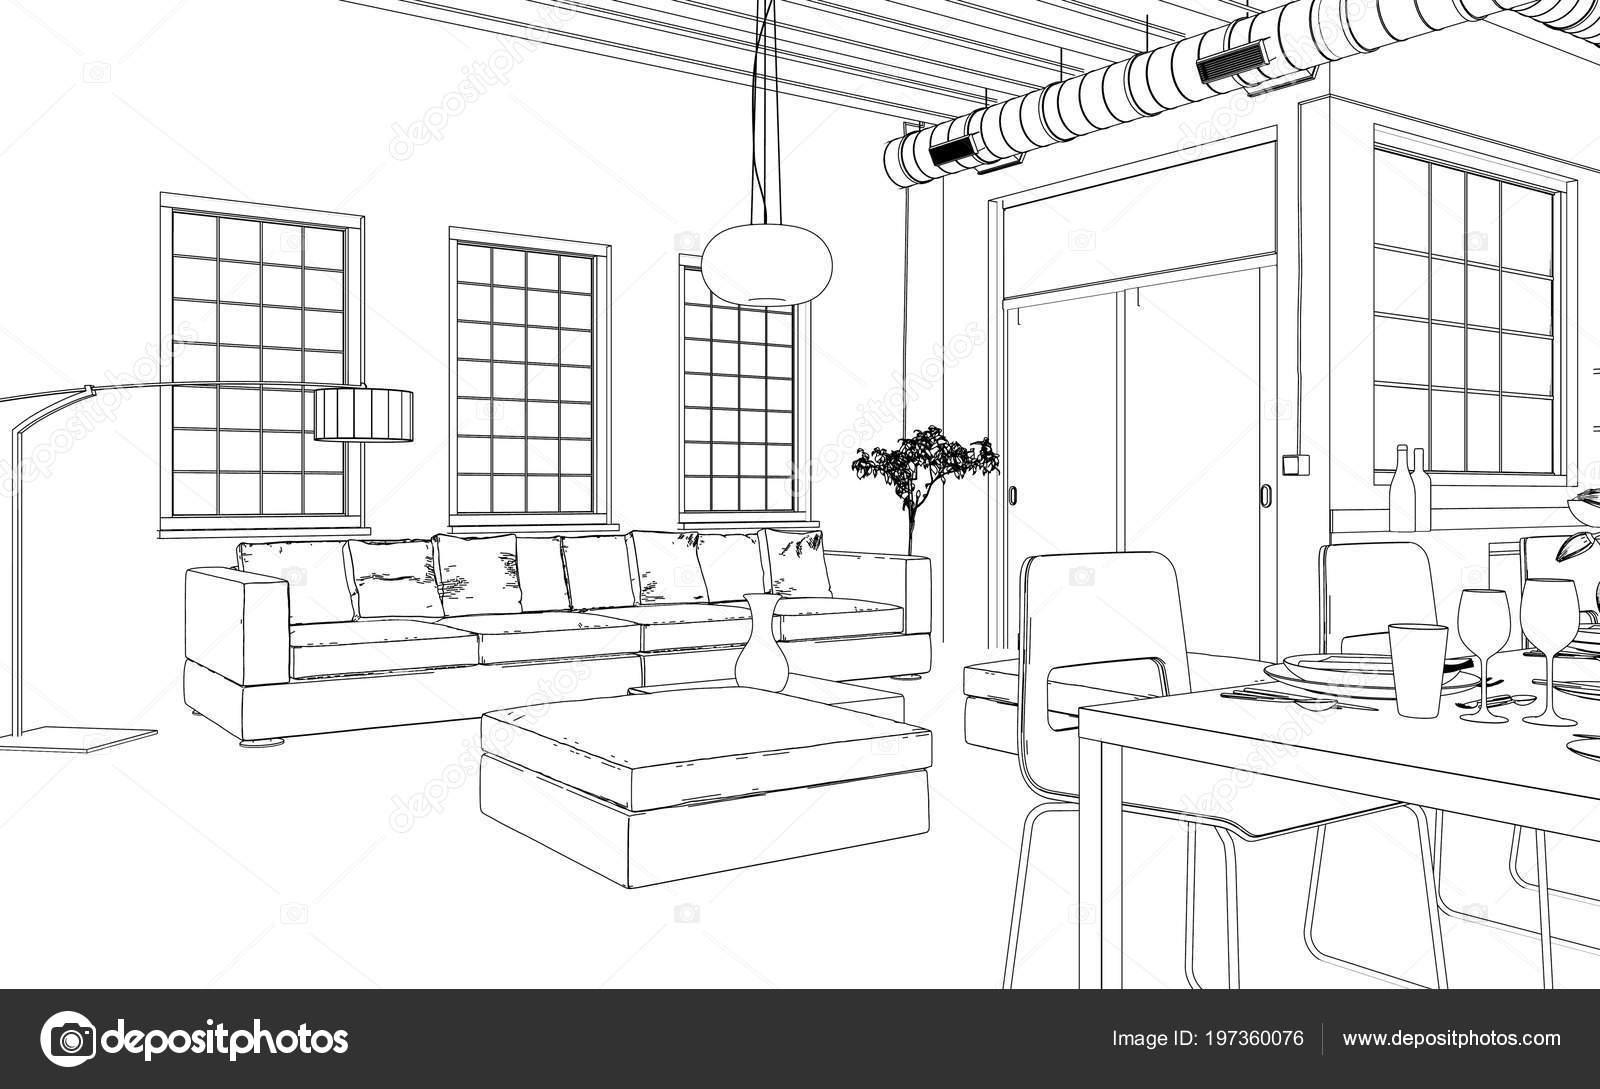 Interieurdesign woonkamer aangepaste tekening — Stockfoto © virtua73 ...